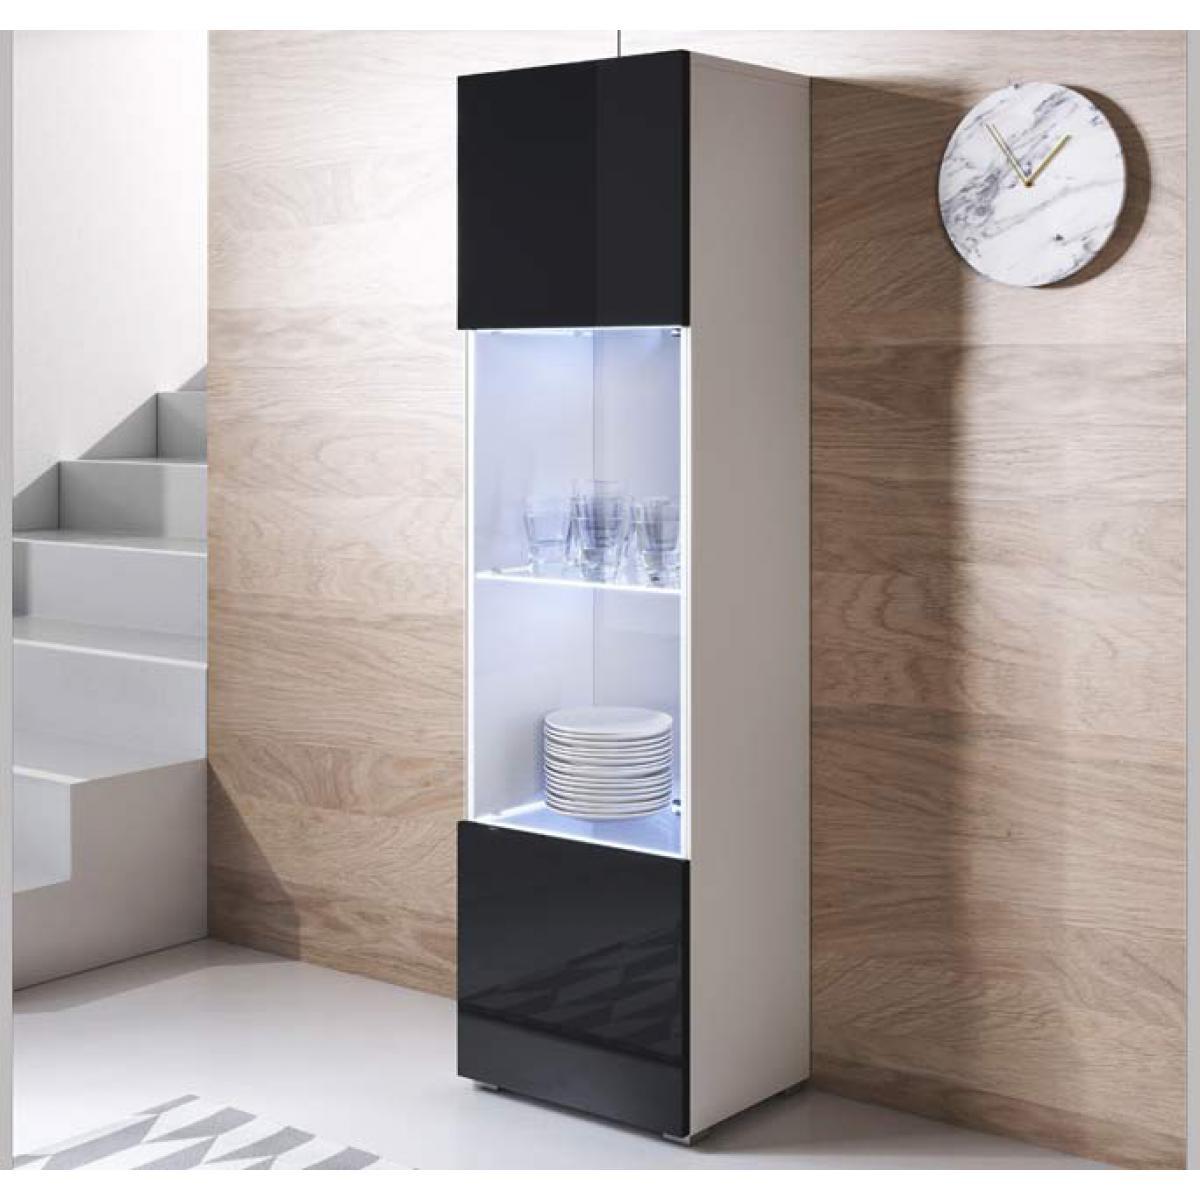 Design Ameublement Vitrine modèle Luke V6 (40x167cm) couleur blanc et noir avec pieds standard